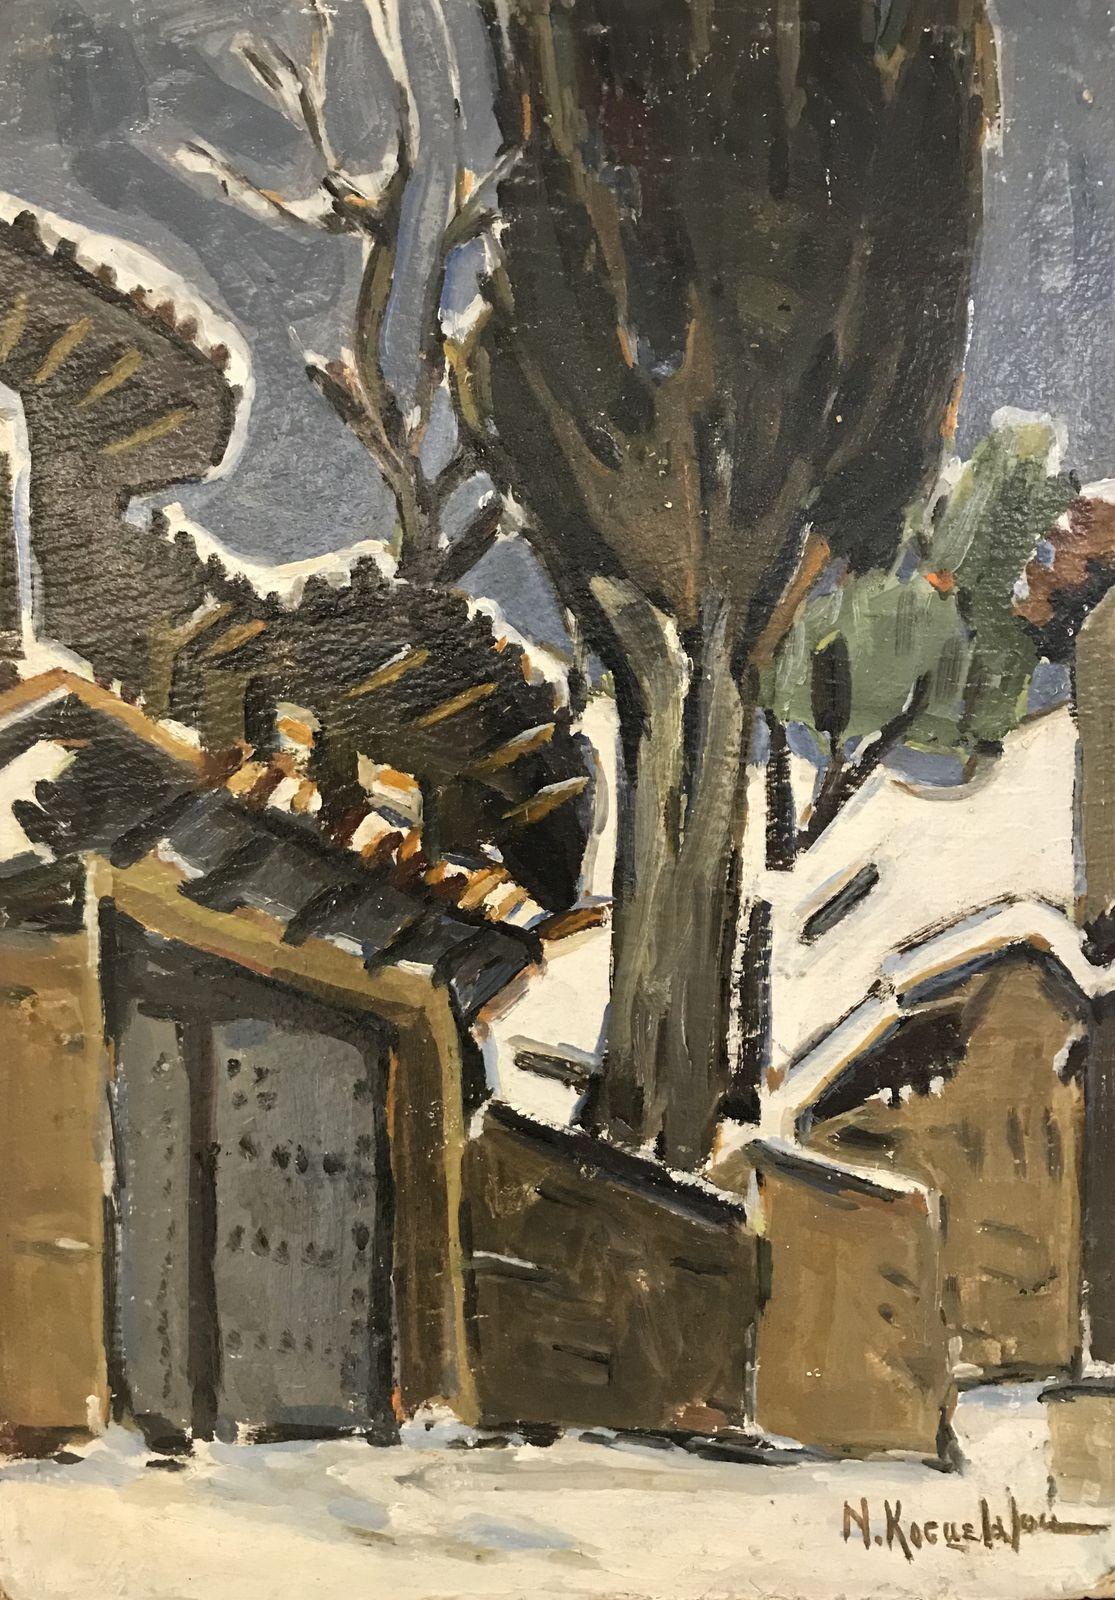 Νινέττα Κοσμετάτου 35×50 εκ. Λάδια σε χαρτόνι Ninetta Kosmetatou 35×50 cm Oils on cardboard (3)